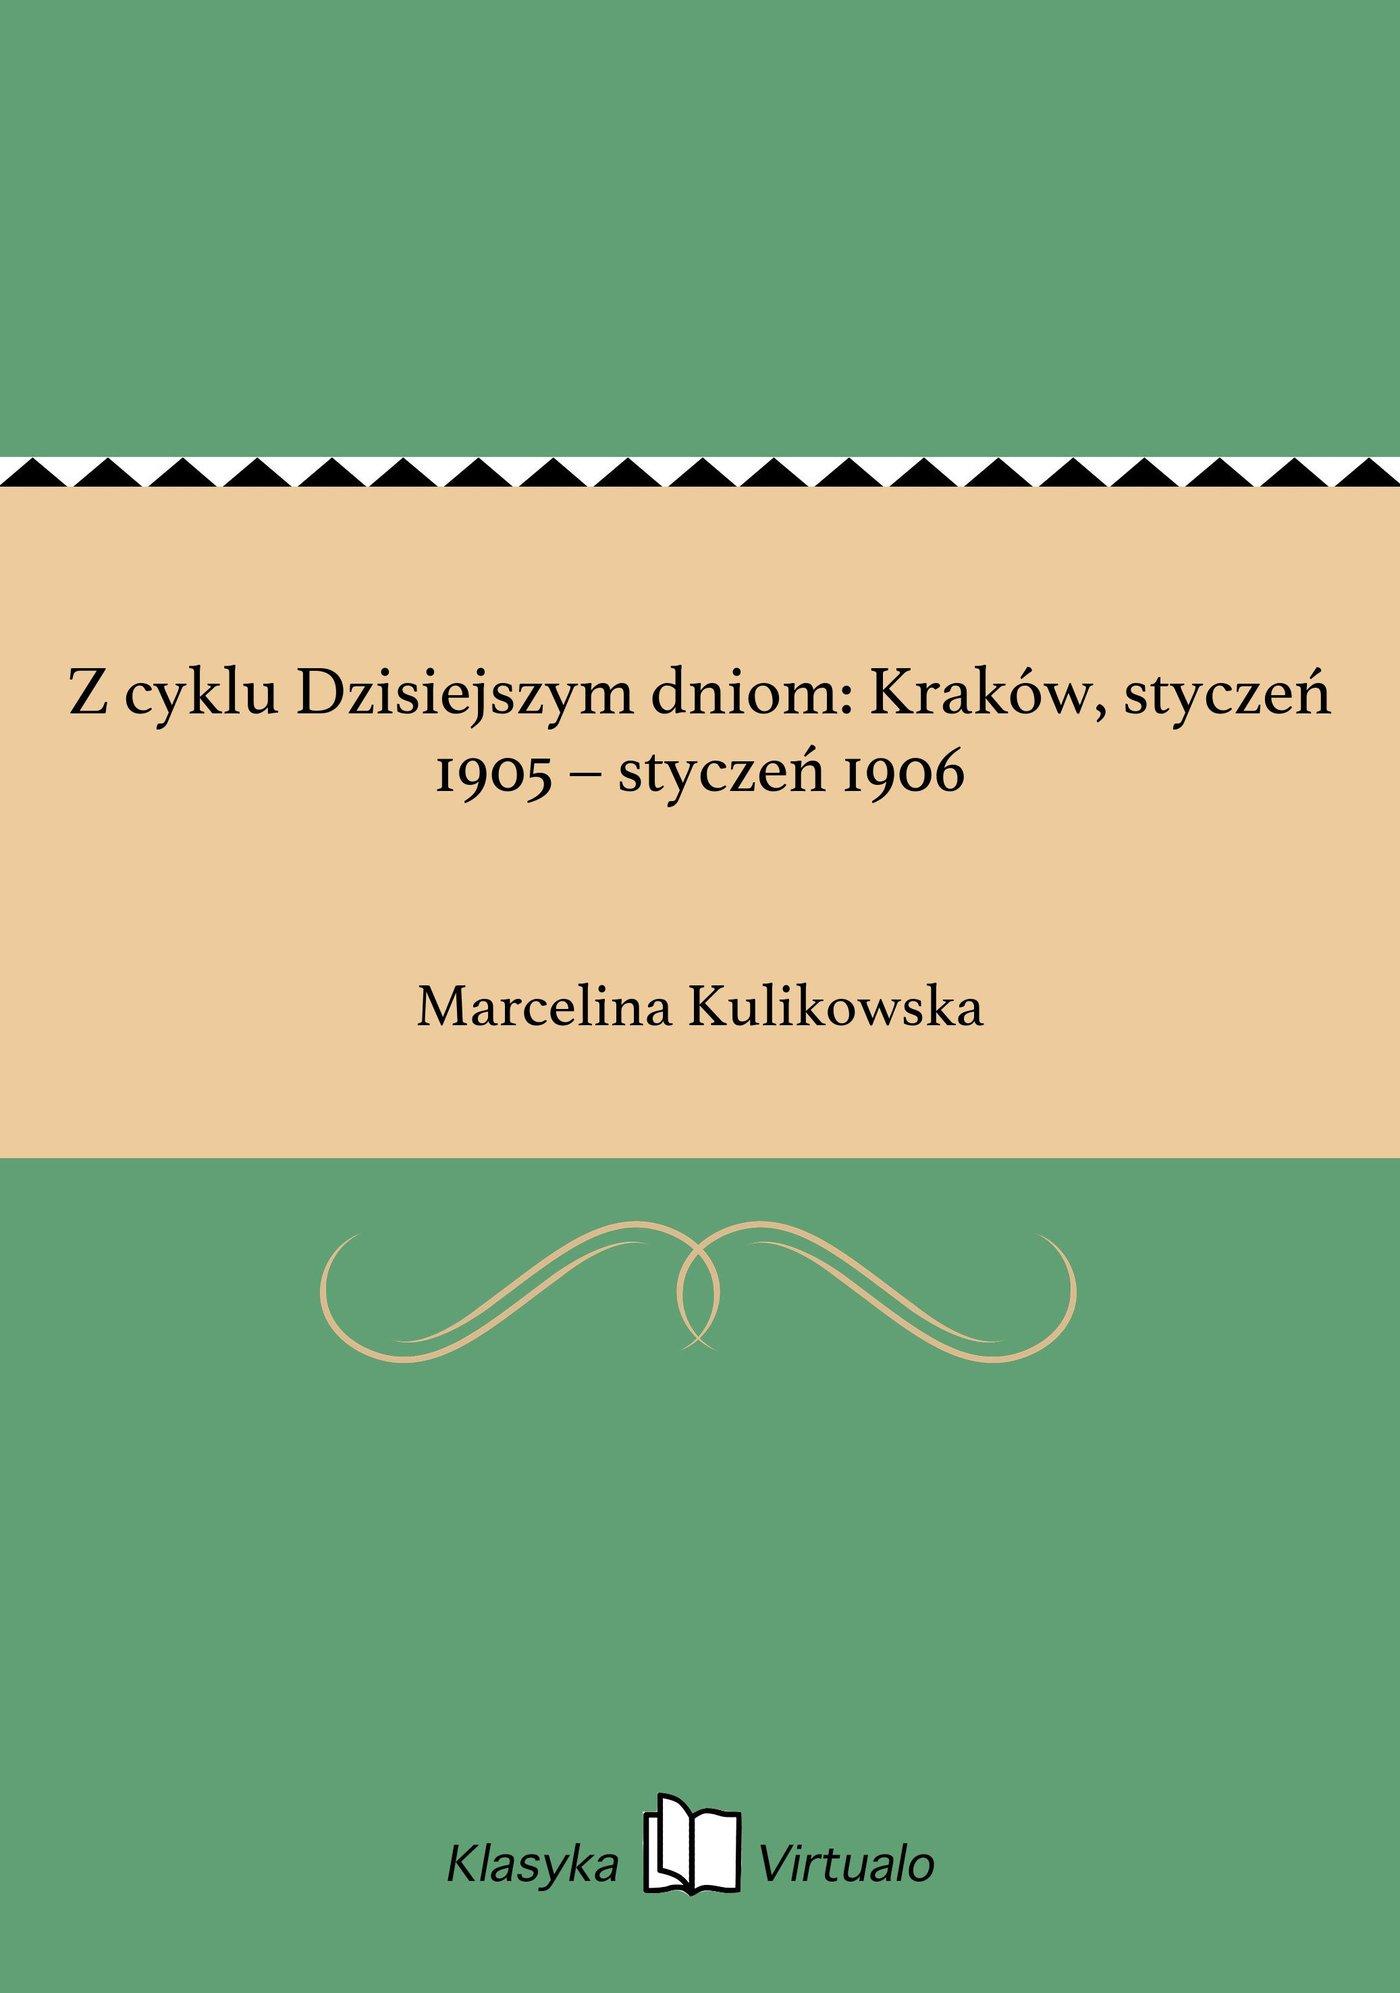 Z cyklu Dzisiejszym dniom: Kraków, styczeń 1905 – styczeń 1906 - Ebook (Książka na Kindle) do pobrania w formacie MOBI